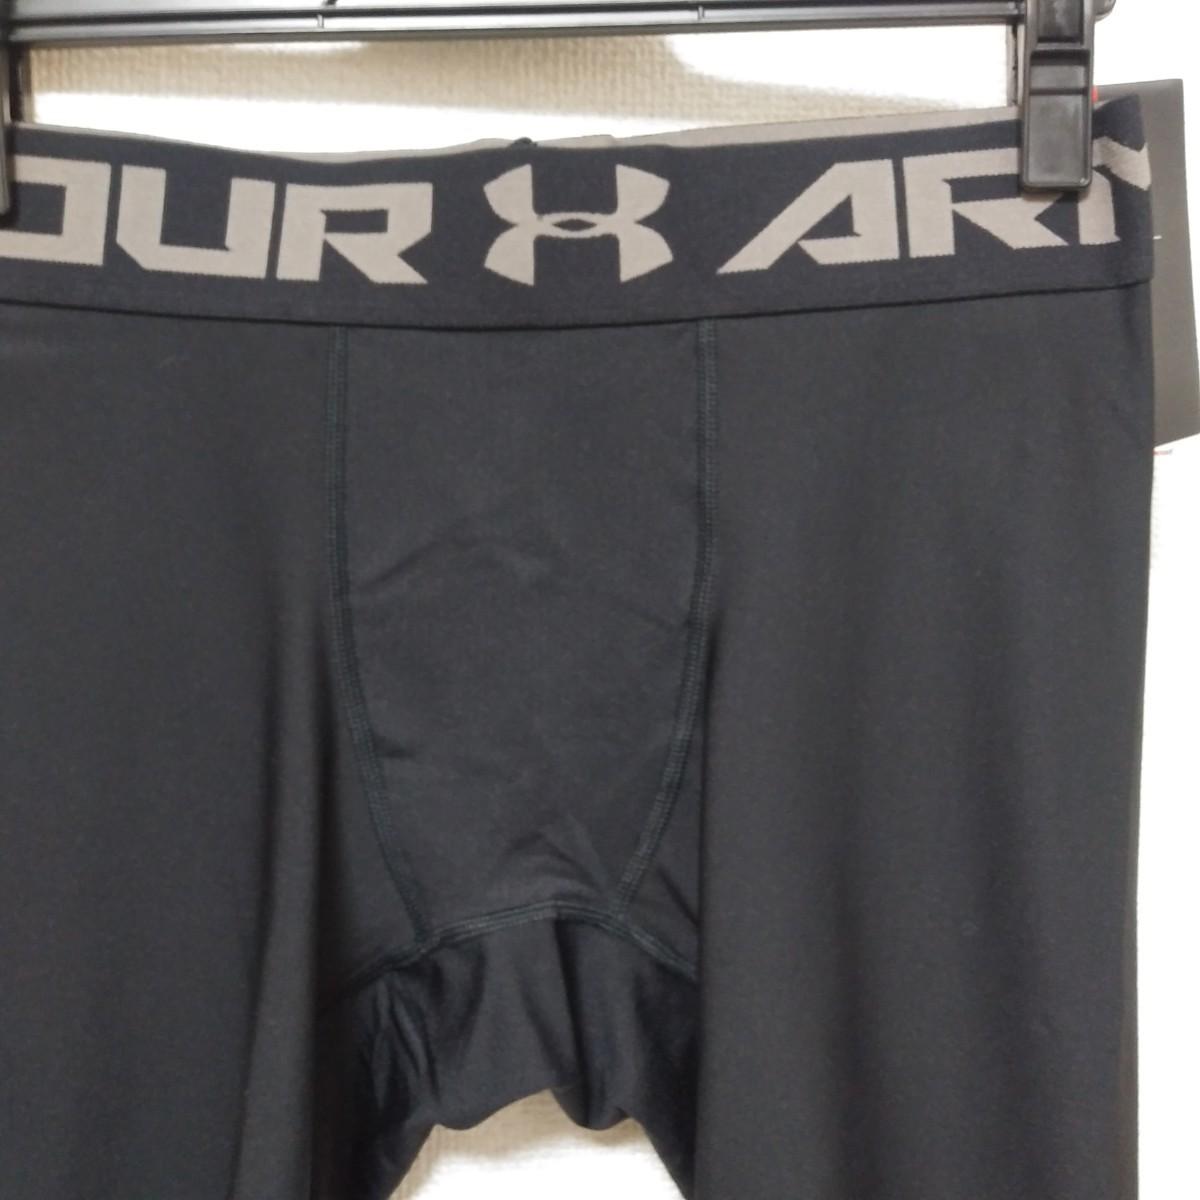 UNDER ARMOUR メンズ ヒートギアアーマー ロングショーツ XLサイズ